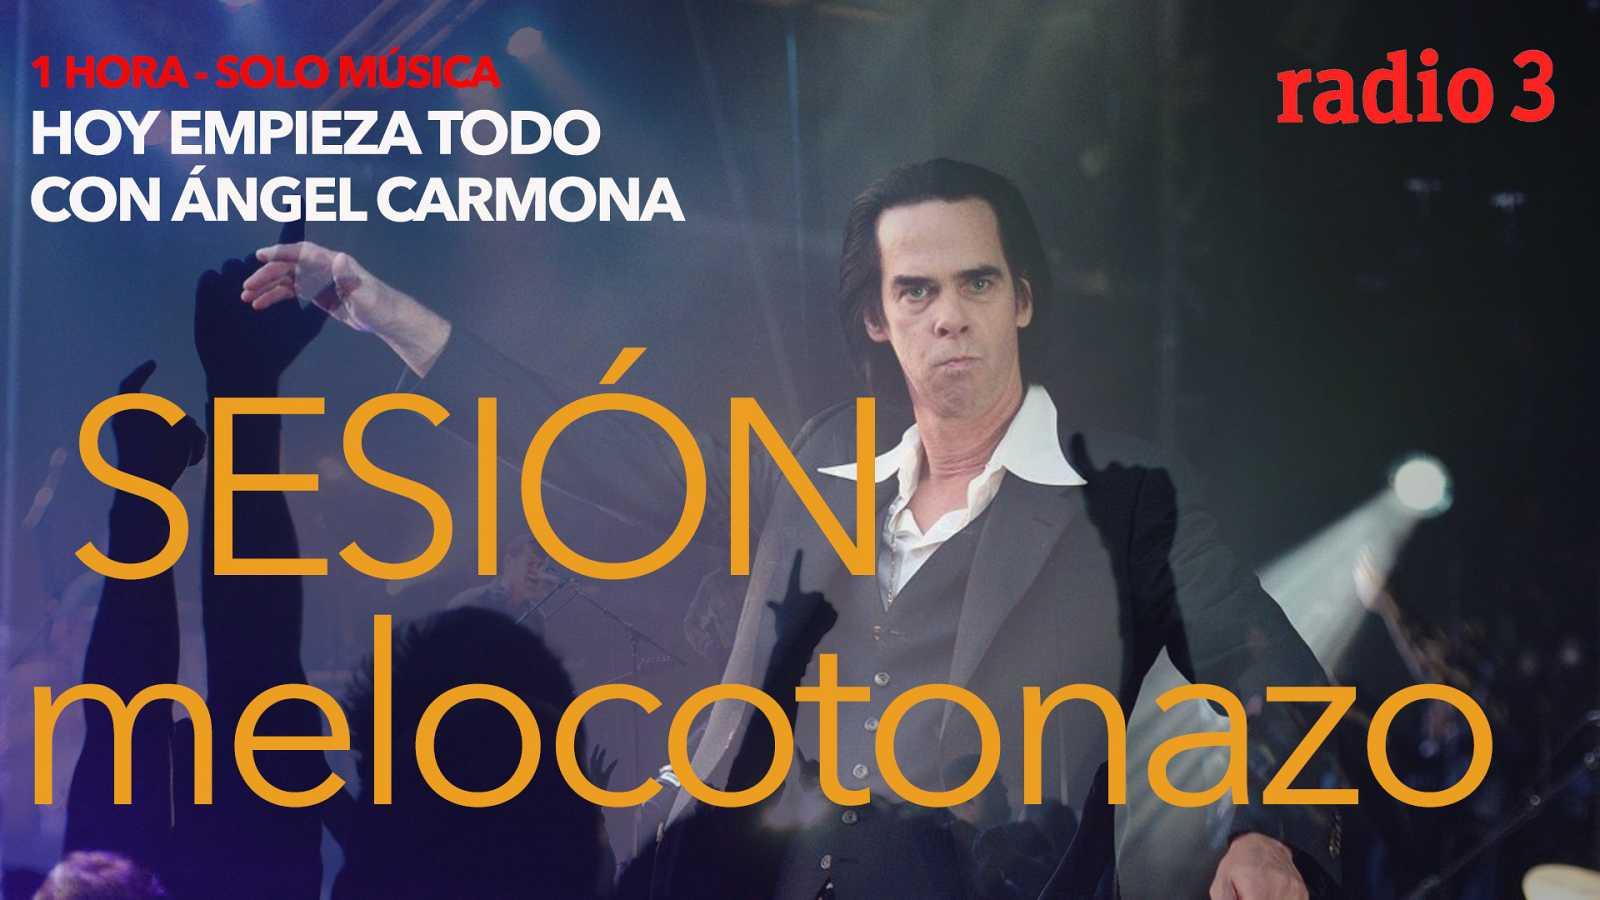 Hoy empieza todo con Ángel Carmona -  Sesión Melocotonazo: Nick Cave, Janelle Monáe... - 22/09/20 - escuchar ahora